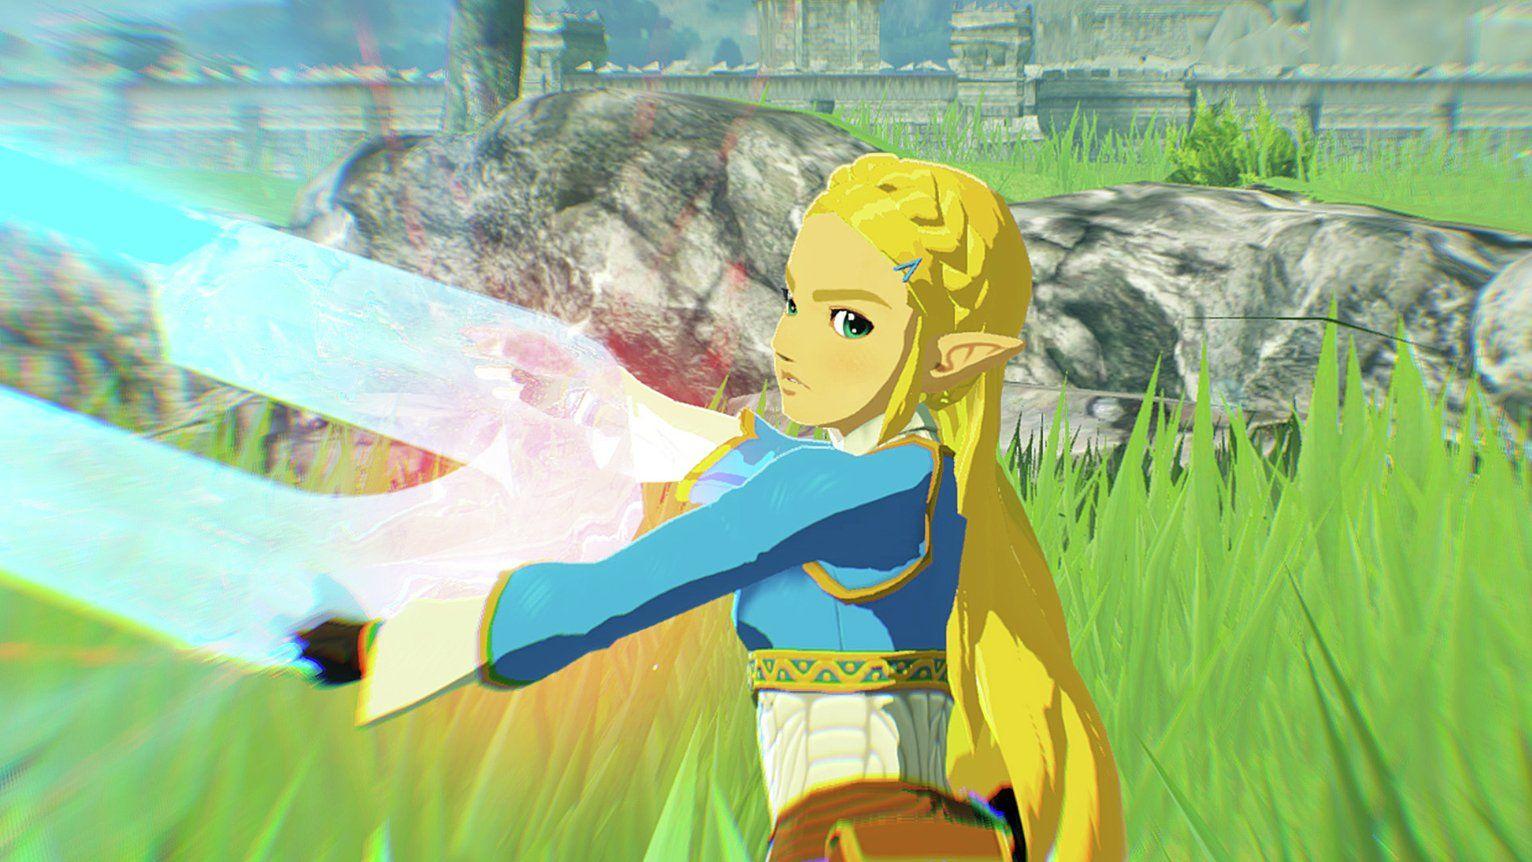 Hyrule Warriors Age Of Calamity Nintendo Switch Game In 2020 Hyrule Warriors Zelda Hyrule Warriors Legend Of Zelda